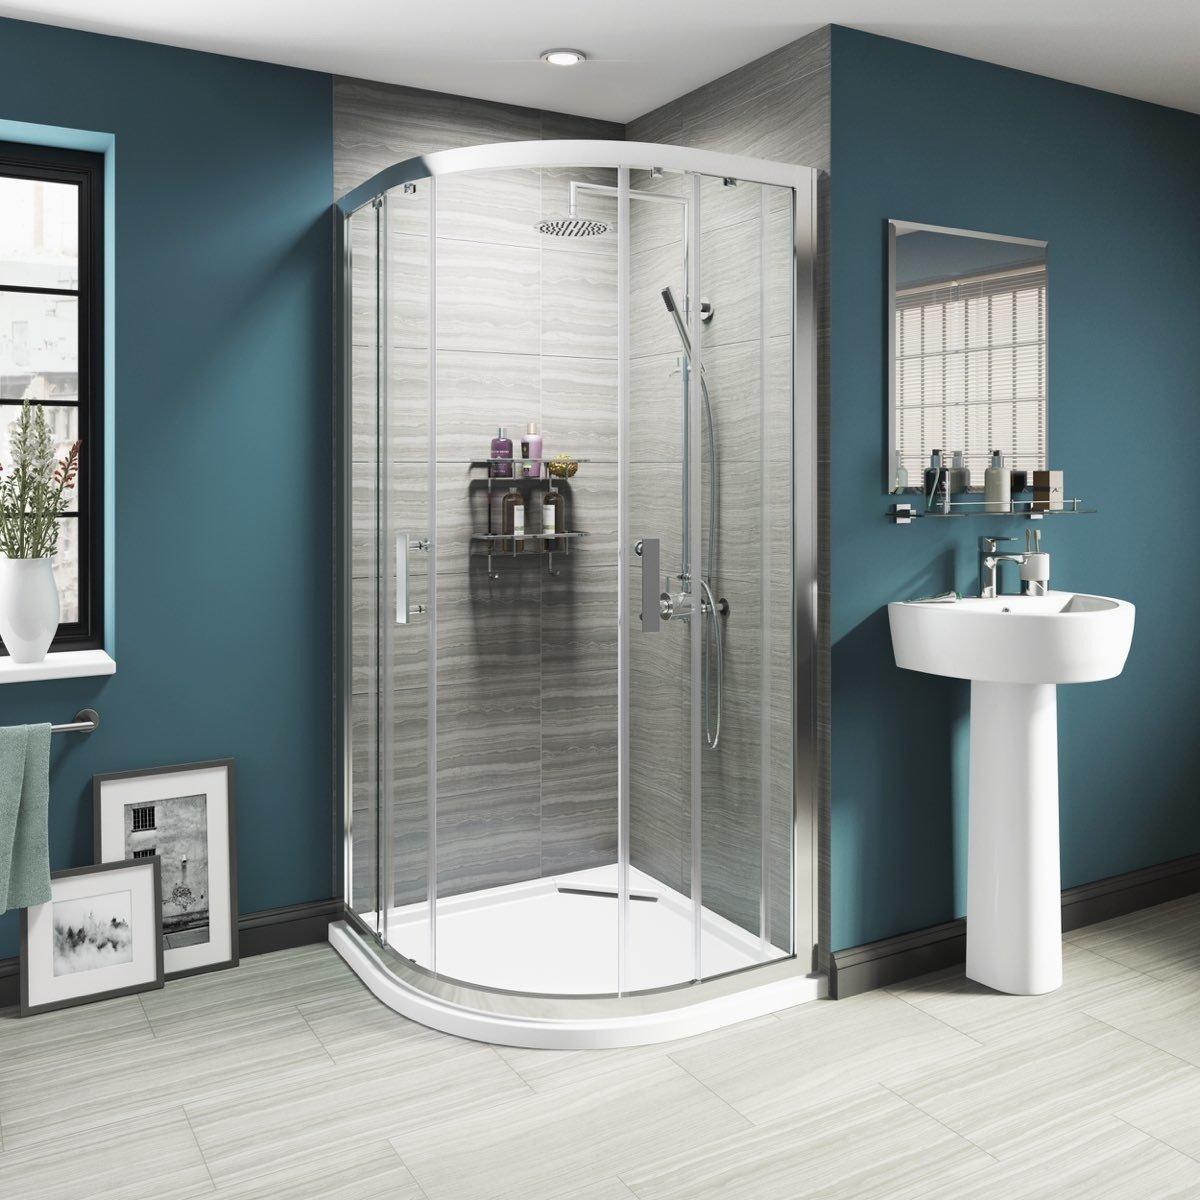 Come scegliere il piatto doccia ideale: 4 consigli per non sbagliare